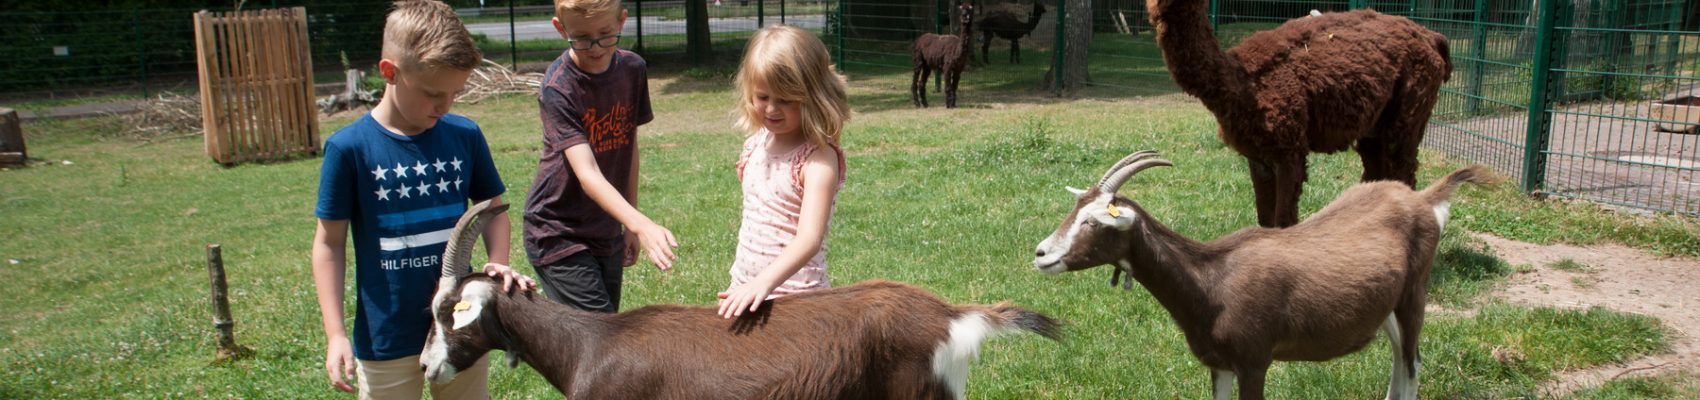 Sehenswürdigkeiten in Merzig: Merziger Tierpark